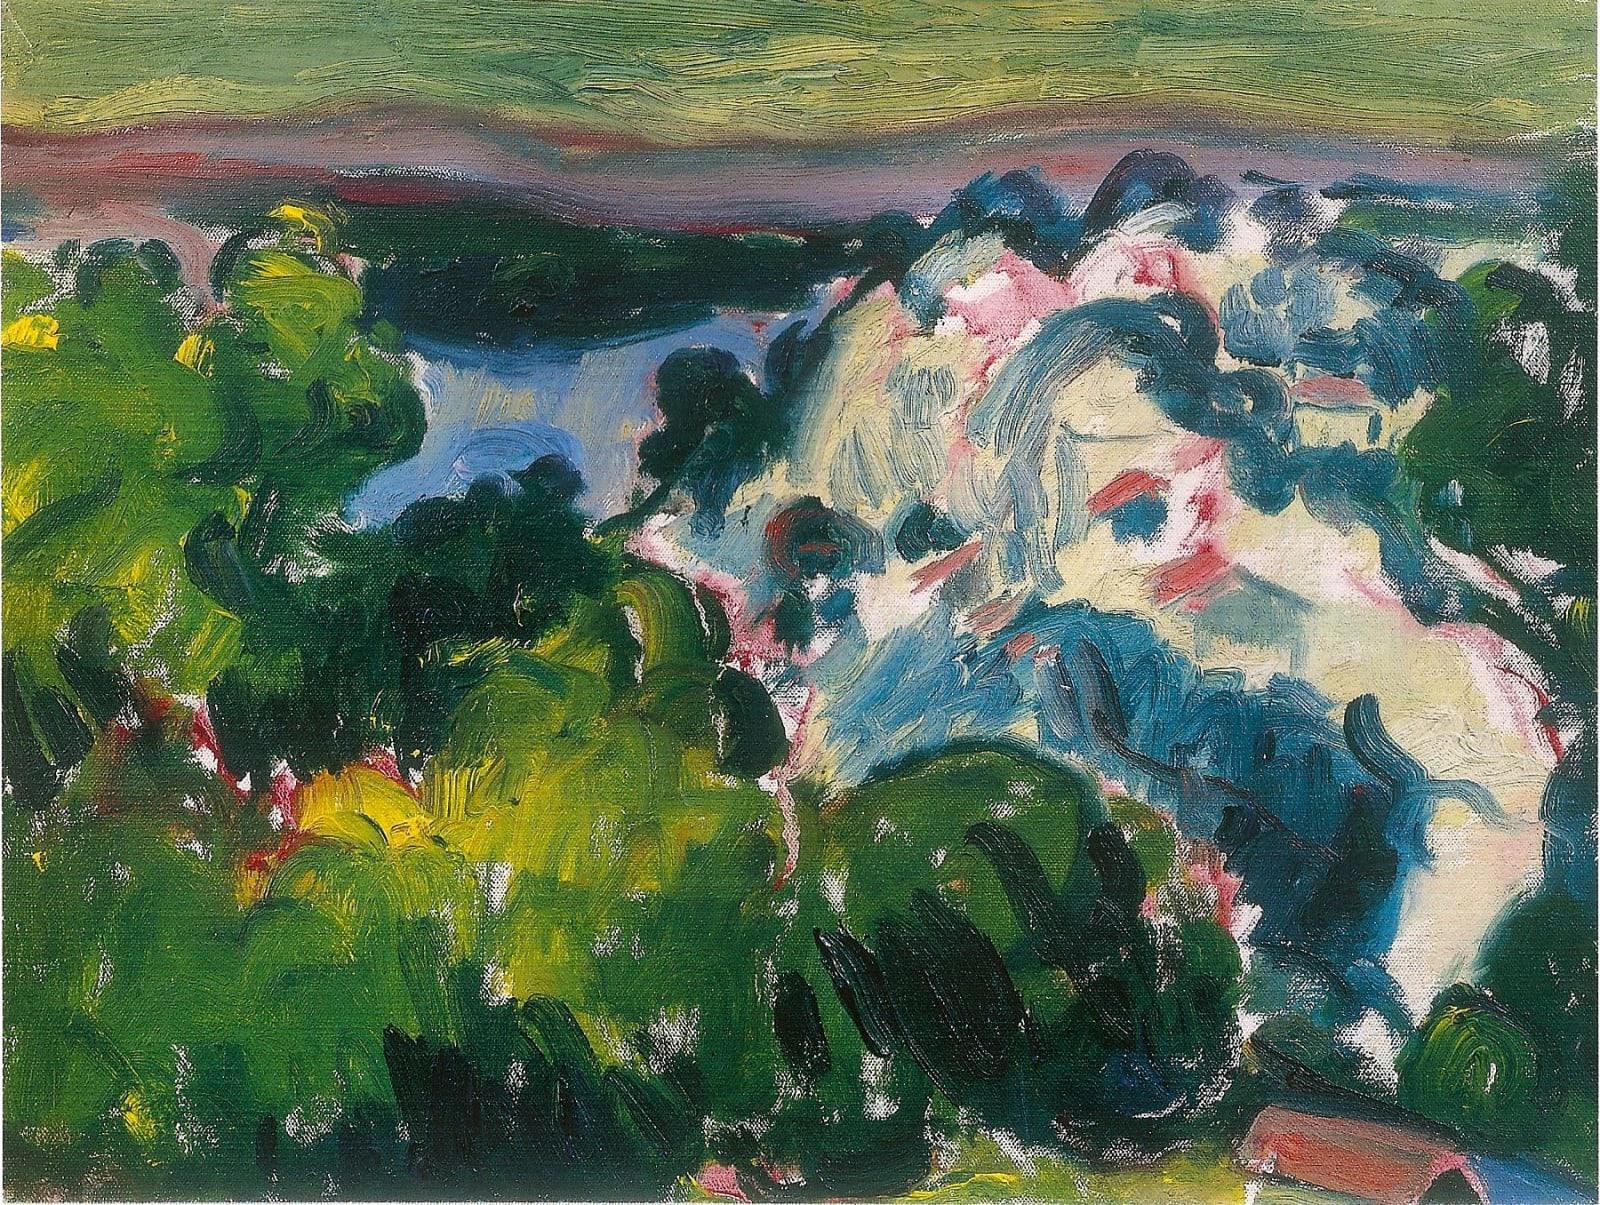 Landscape, Près d'Avignon, 1956 oil on canvas 12 x 16 inches (30 ½ x 40.7cm) inscr. verso 'Matthew Smith pres Avignon 1956'